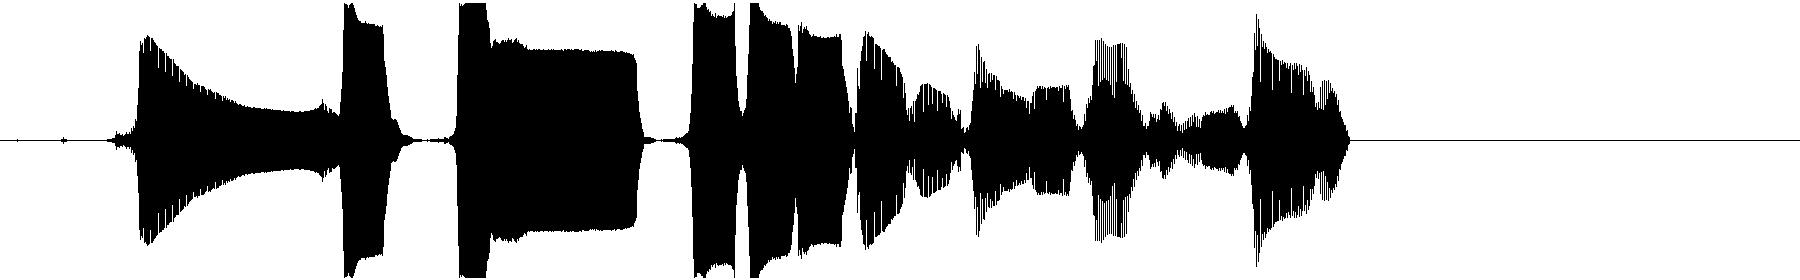 saxsoloe 5